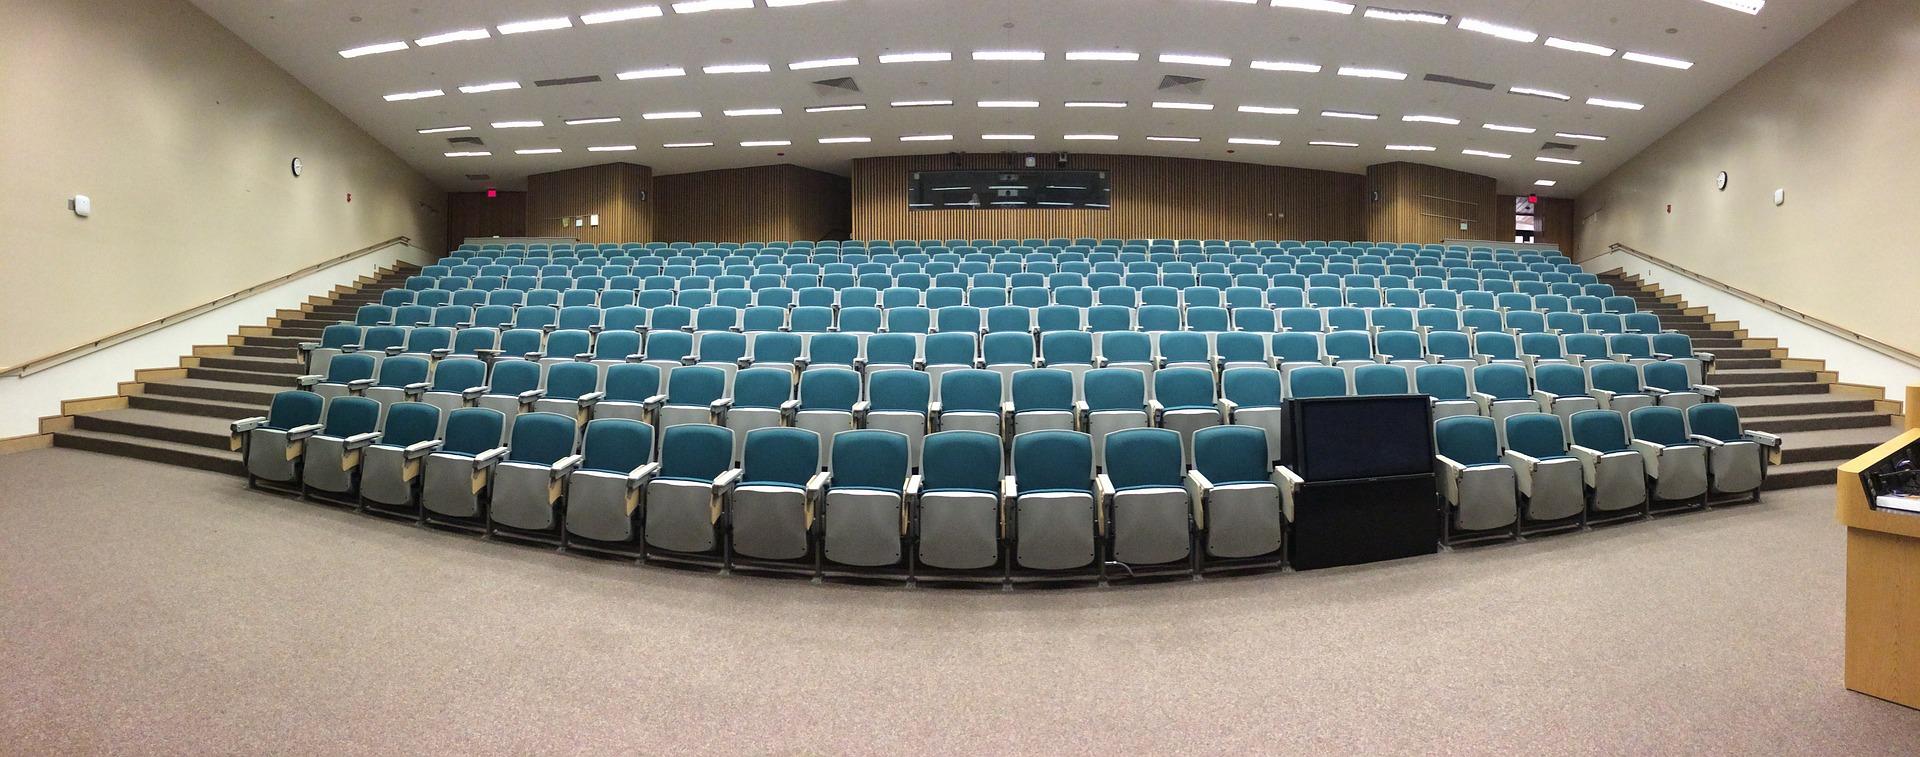 Auditorium vide